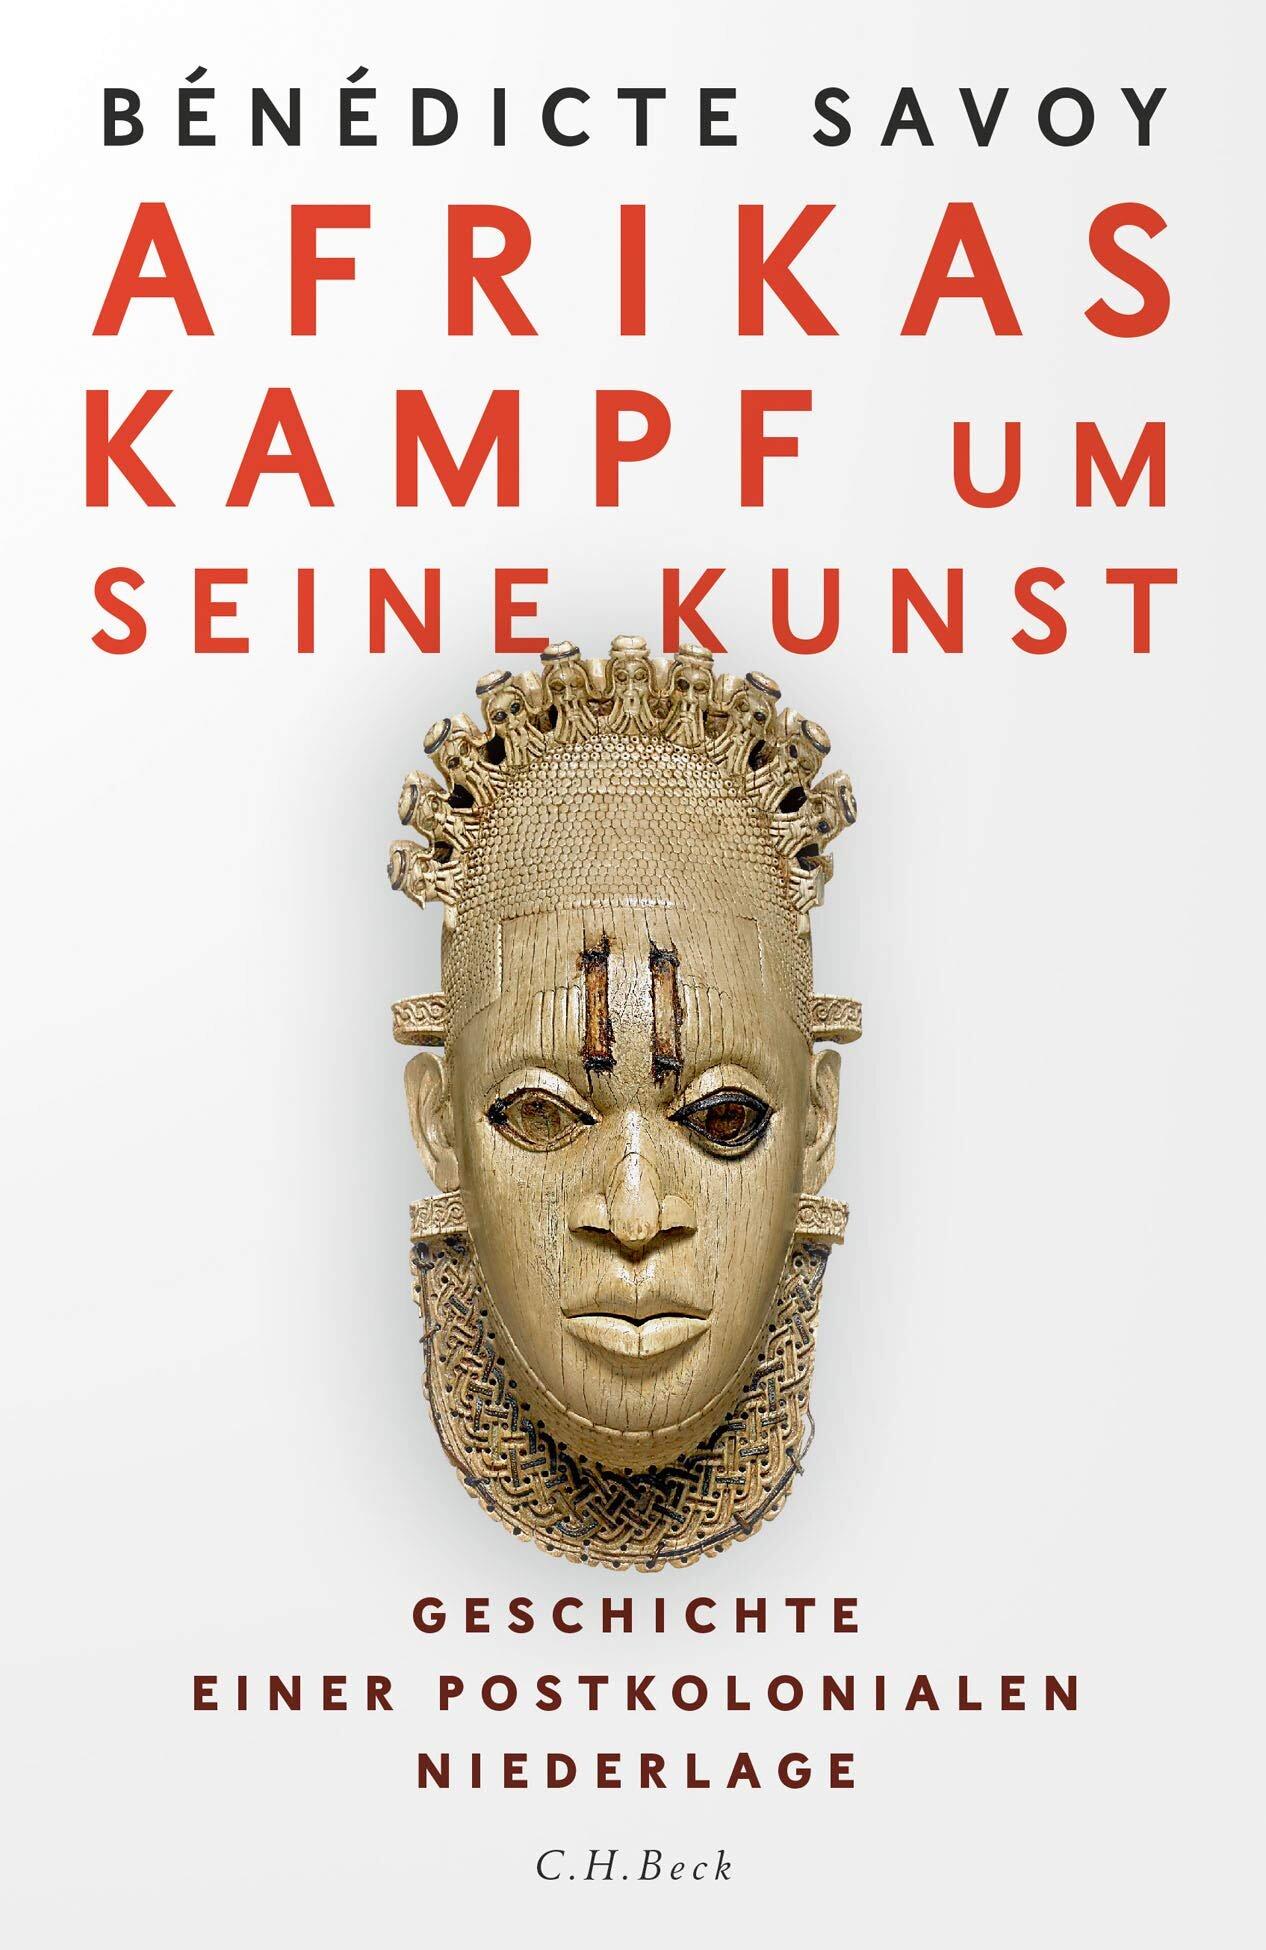 Afrikas Kampf um seine Kunst. Geschichte einer postkolonialen Niederlage